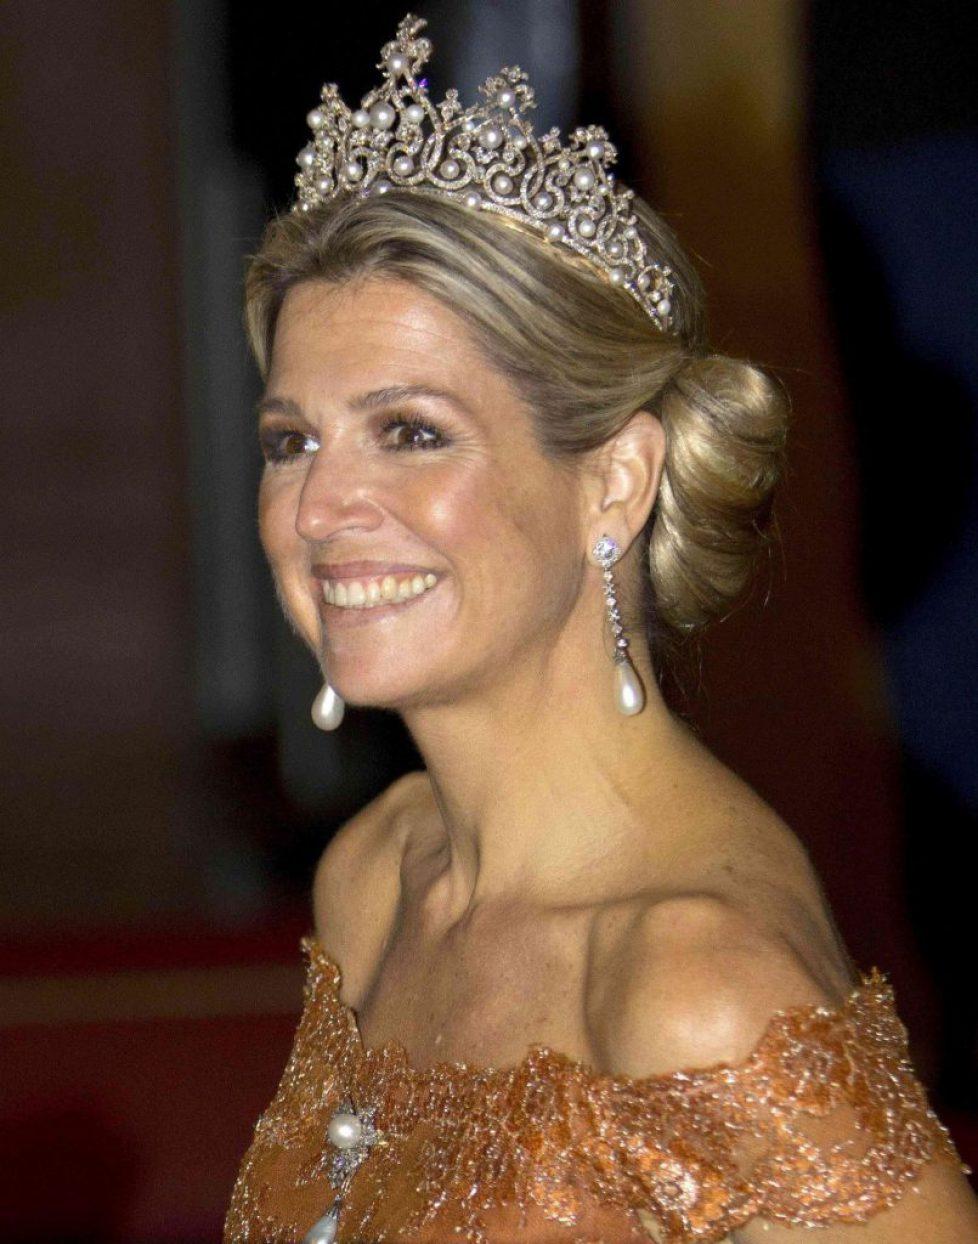 fashion-2015-06-queen-maxima-pearl-diamond-crown-tiara-main